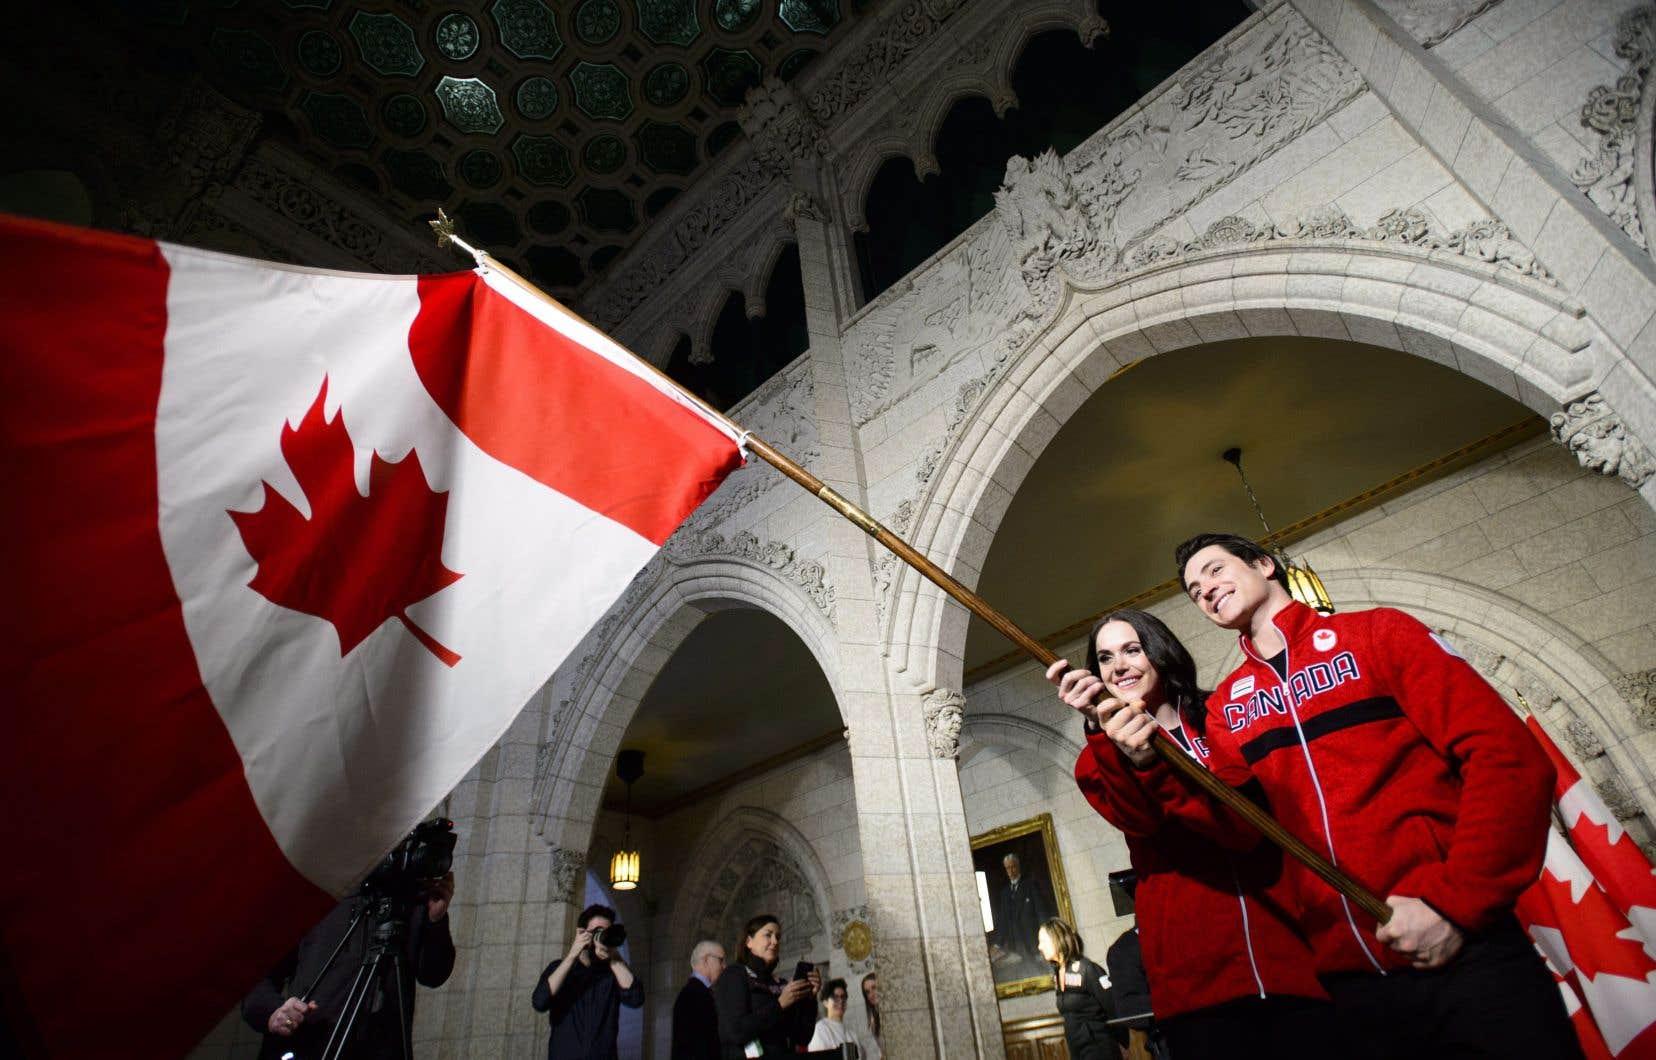 Tessa Virtue et Scott Moir deviennent le premier couple de l'histoire olympique canadienne à porter le drapeau lors de la cérémonie d'ouverture des Jeux.